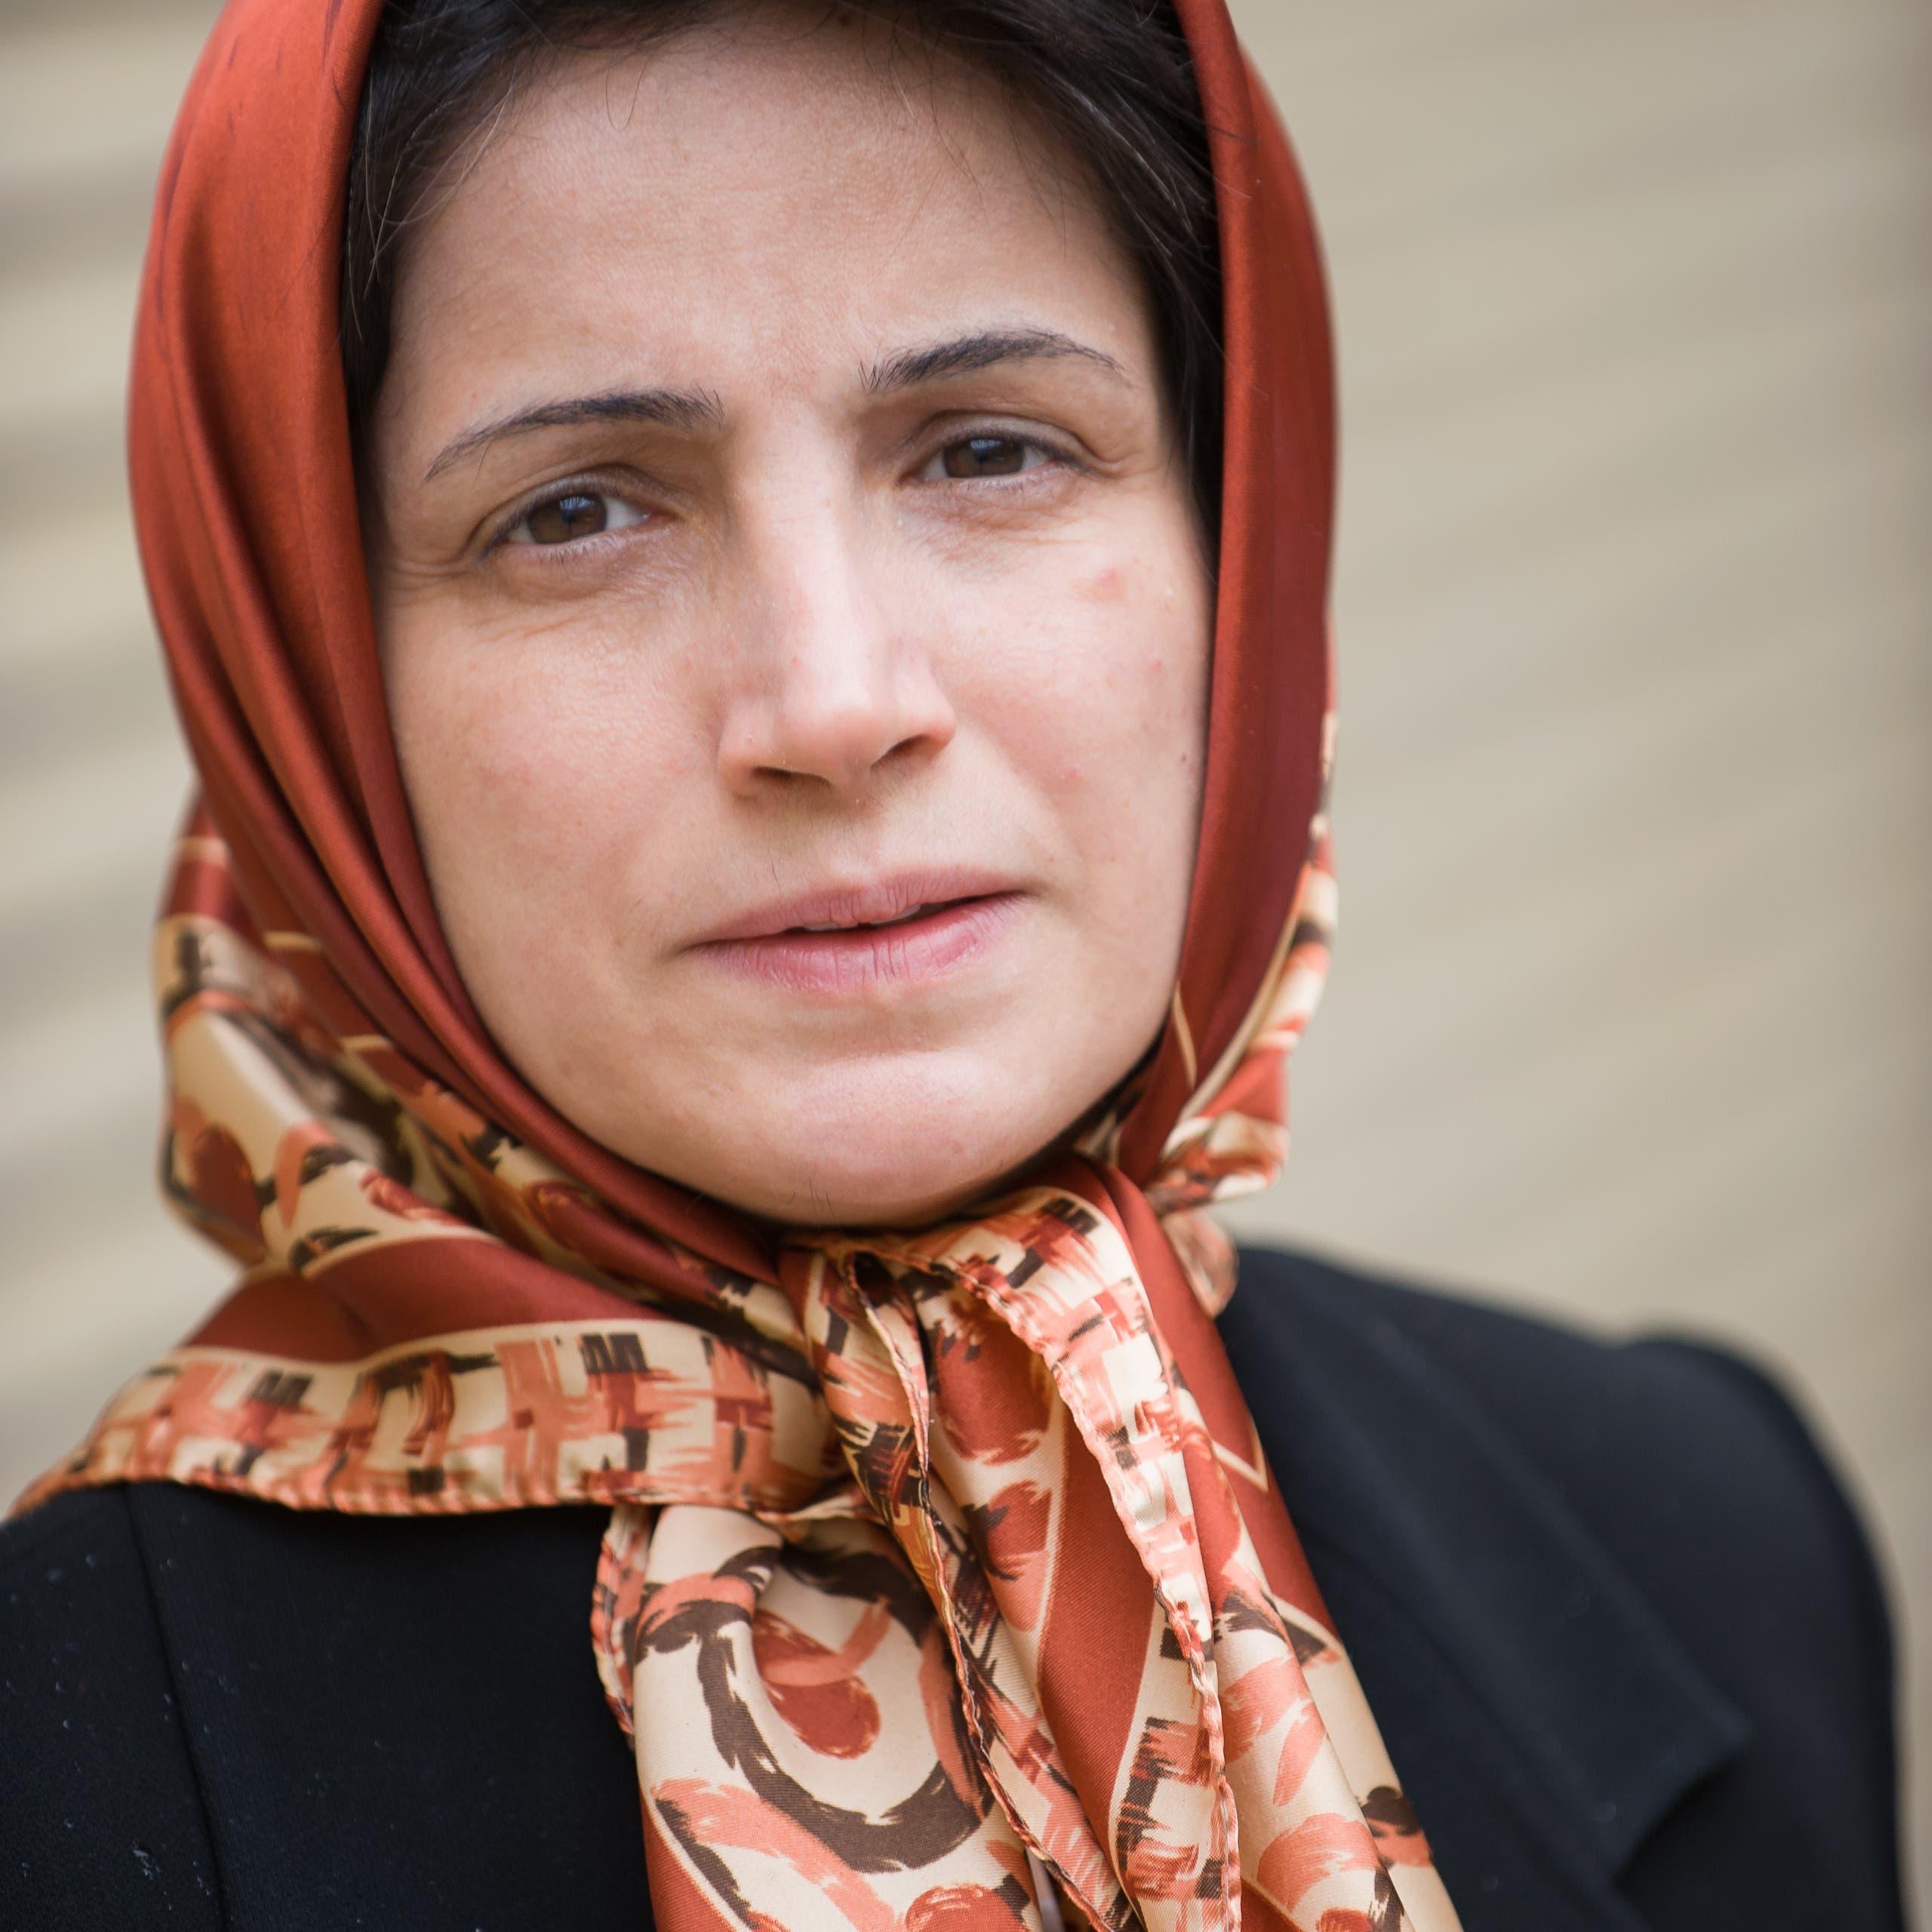 المعتقلة الإيرانية نسرين ستوده تفوز بجائزة روزفلت